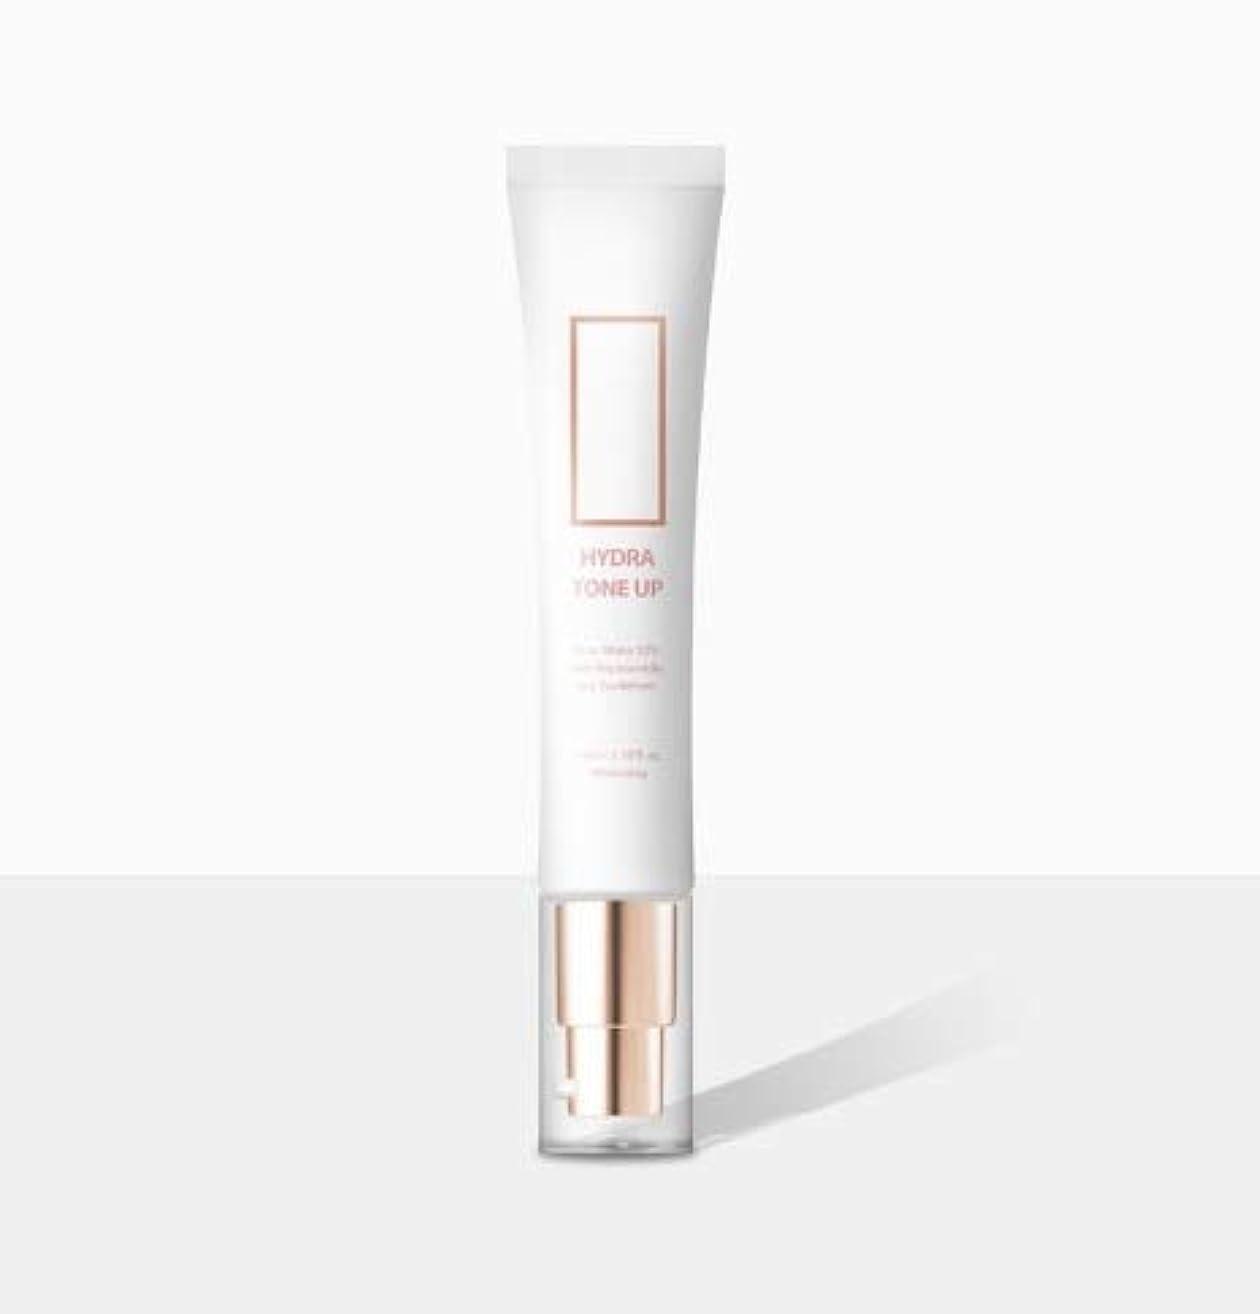 労働大きいウガンダAIDA 10mgRx ヒドラトーンアップクリーム 35ml (すべての肌タイプのために、明るくしわ) / Hydra Tone-Up Cream